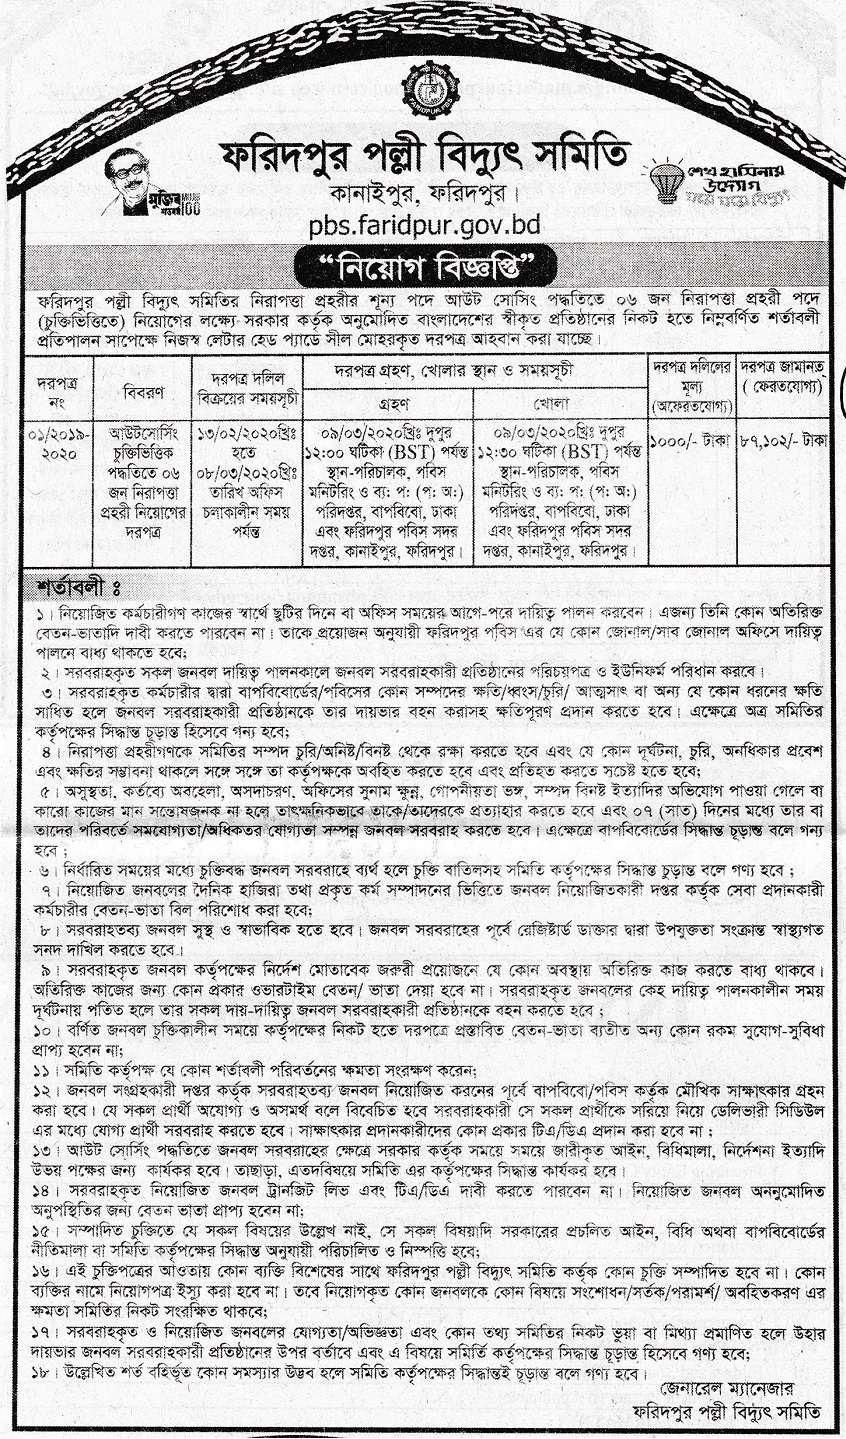 Faridpur Palli Bidyut Samity Job Circular 2020